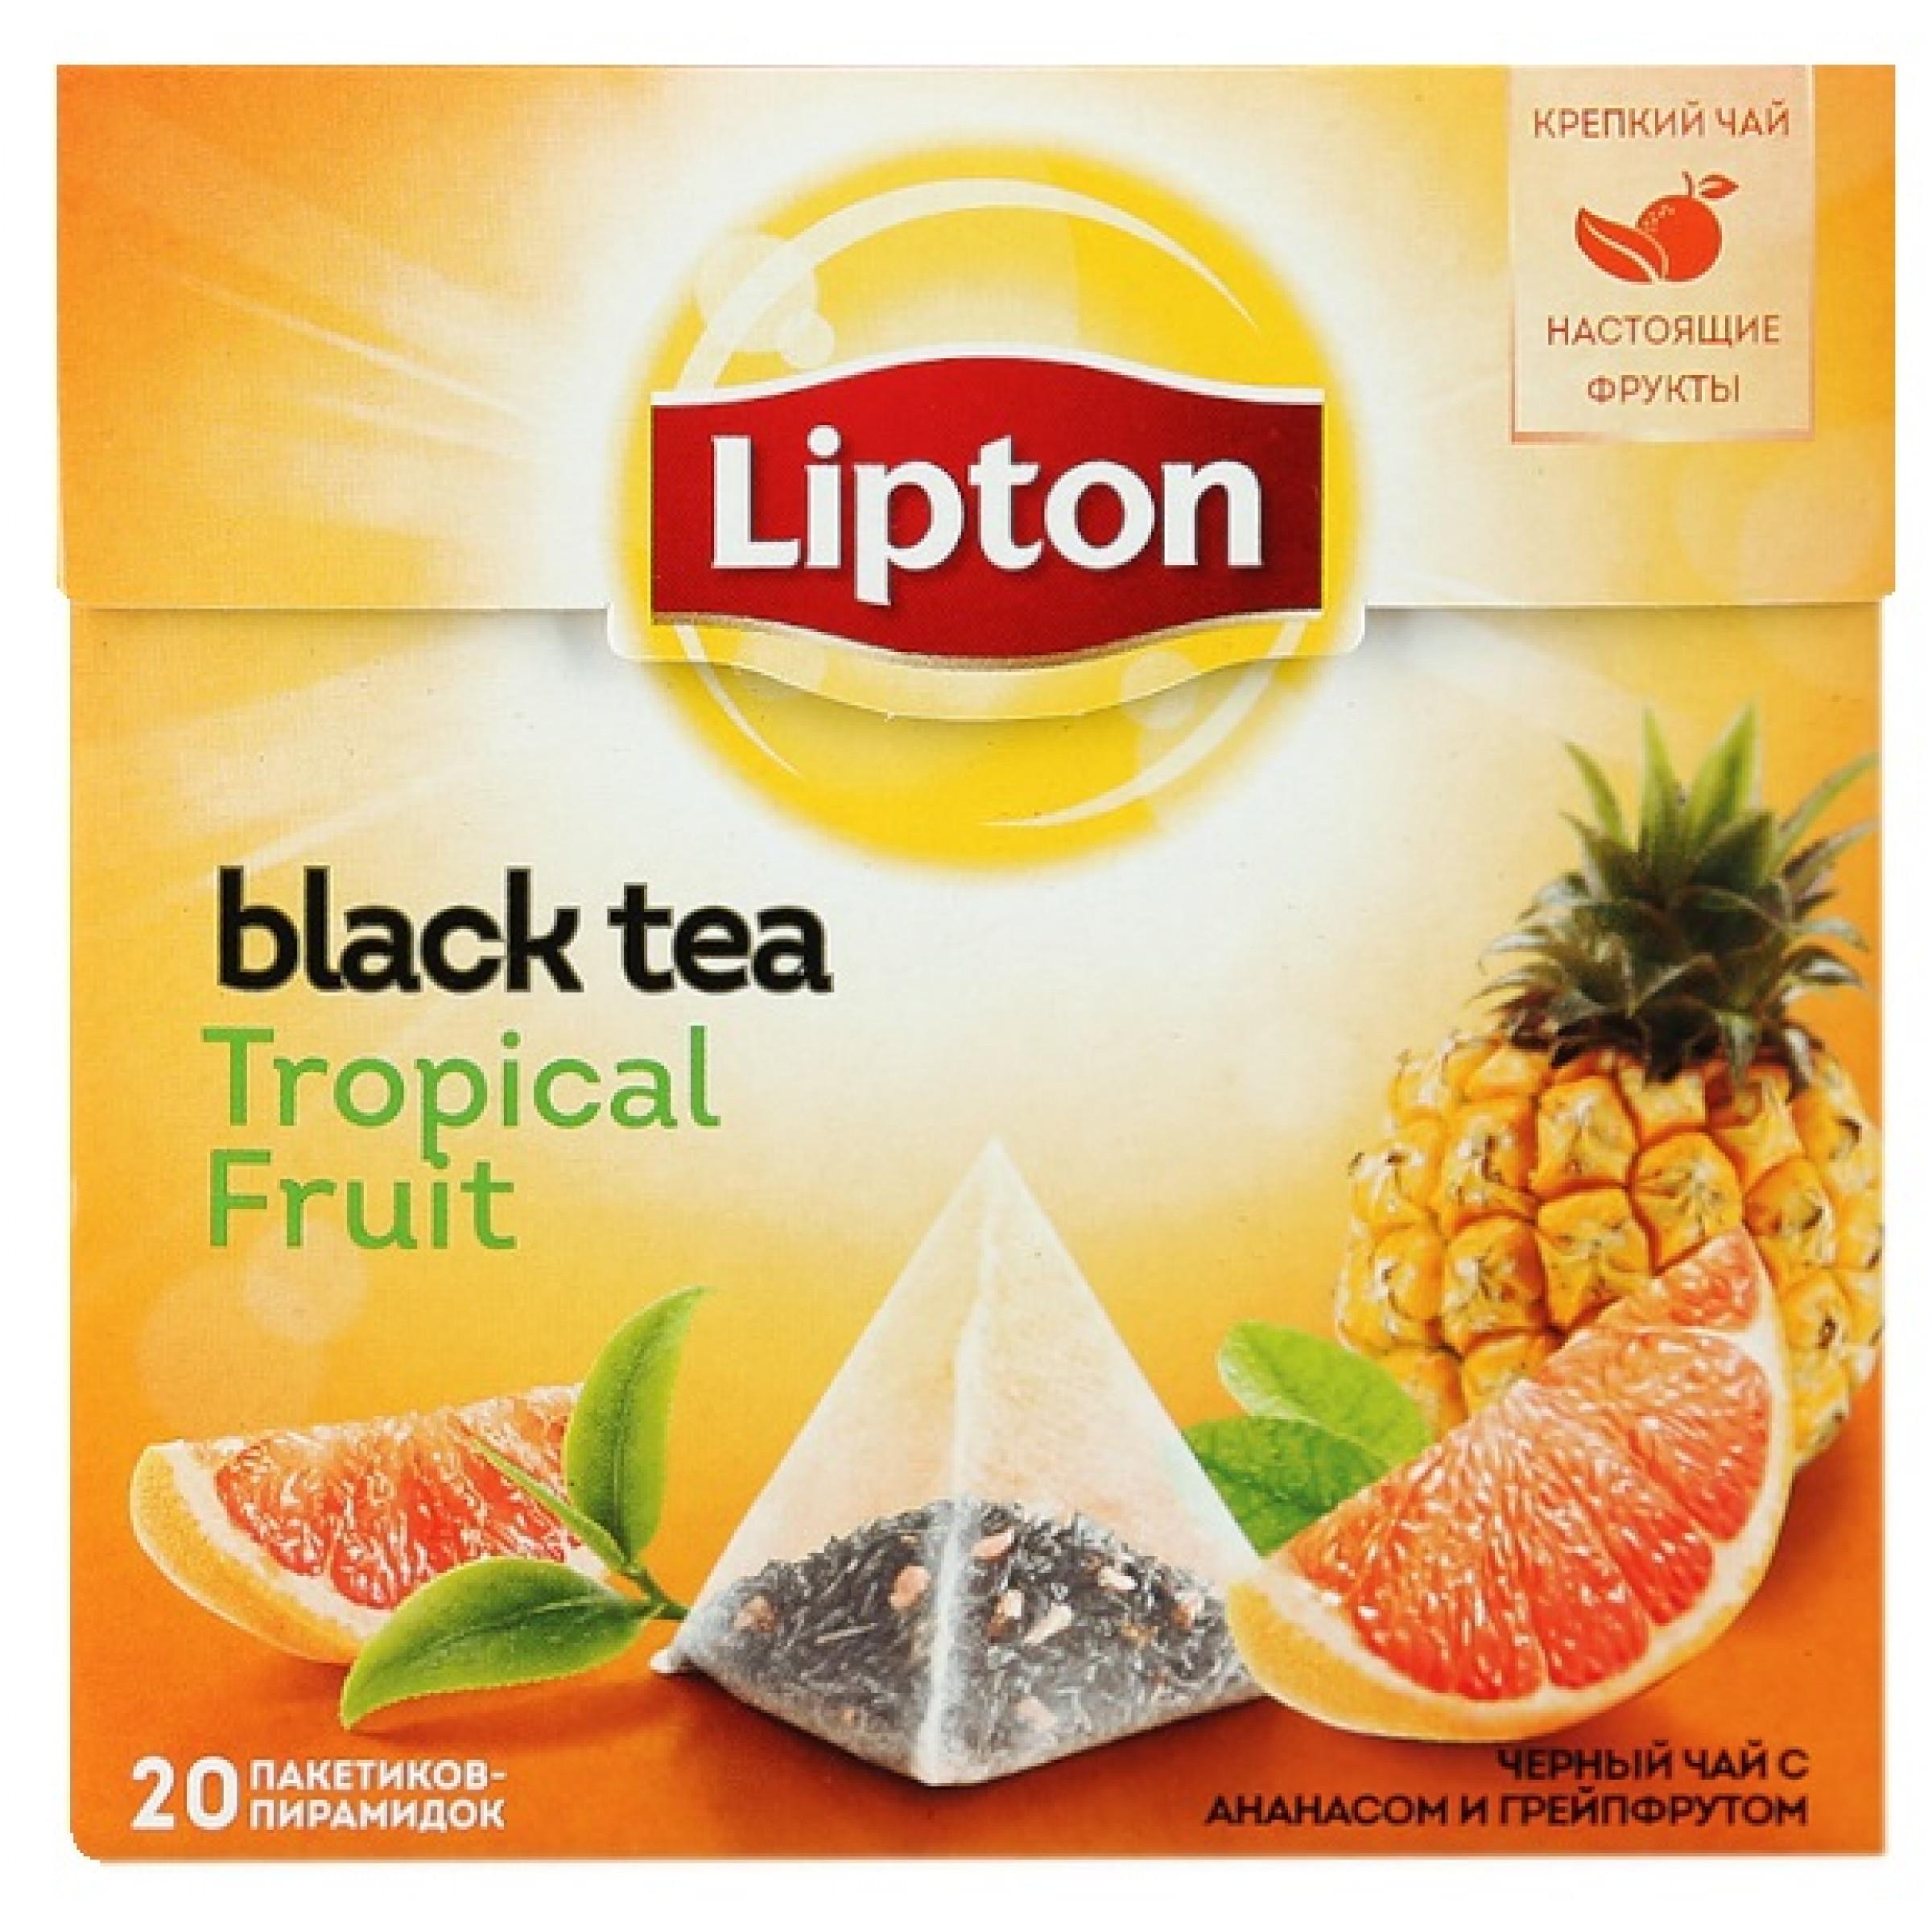 Чай фруктовый Lipton Tropical Fruit пирамидки, 20пак*36гр